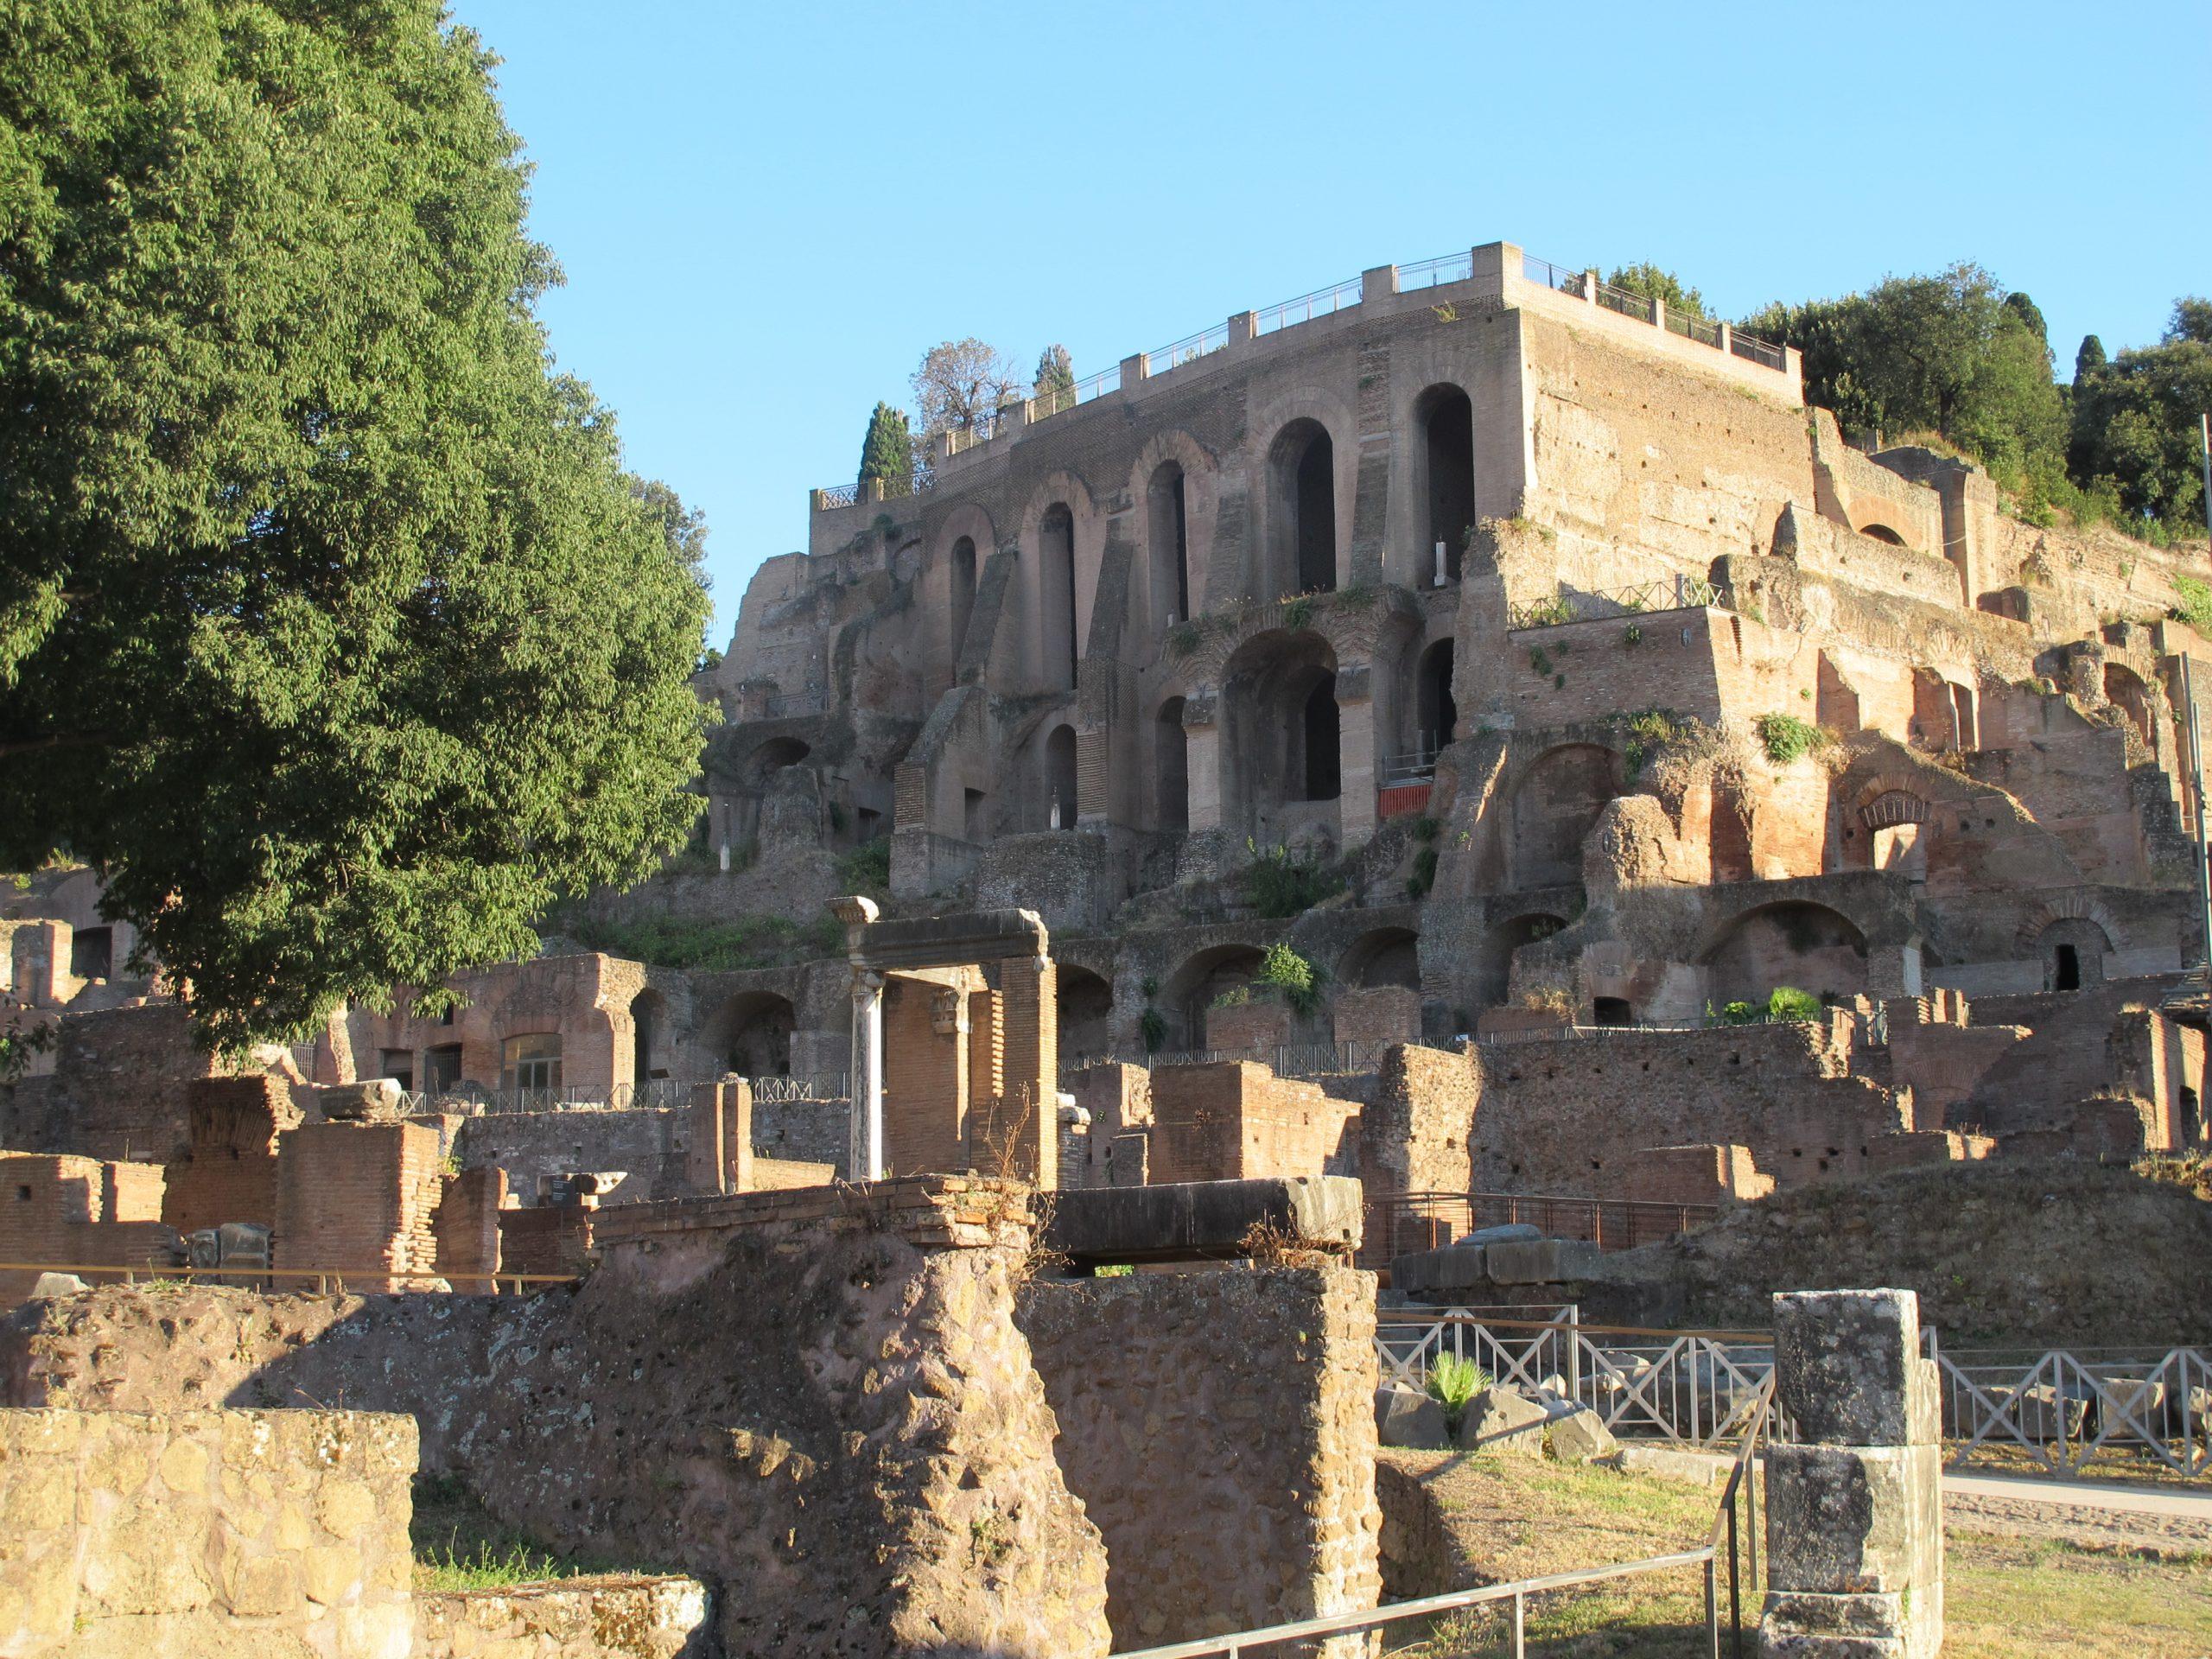 Los sitios arqueológicos de Italia se adaptan a la pandemia